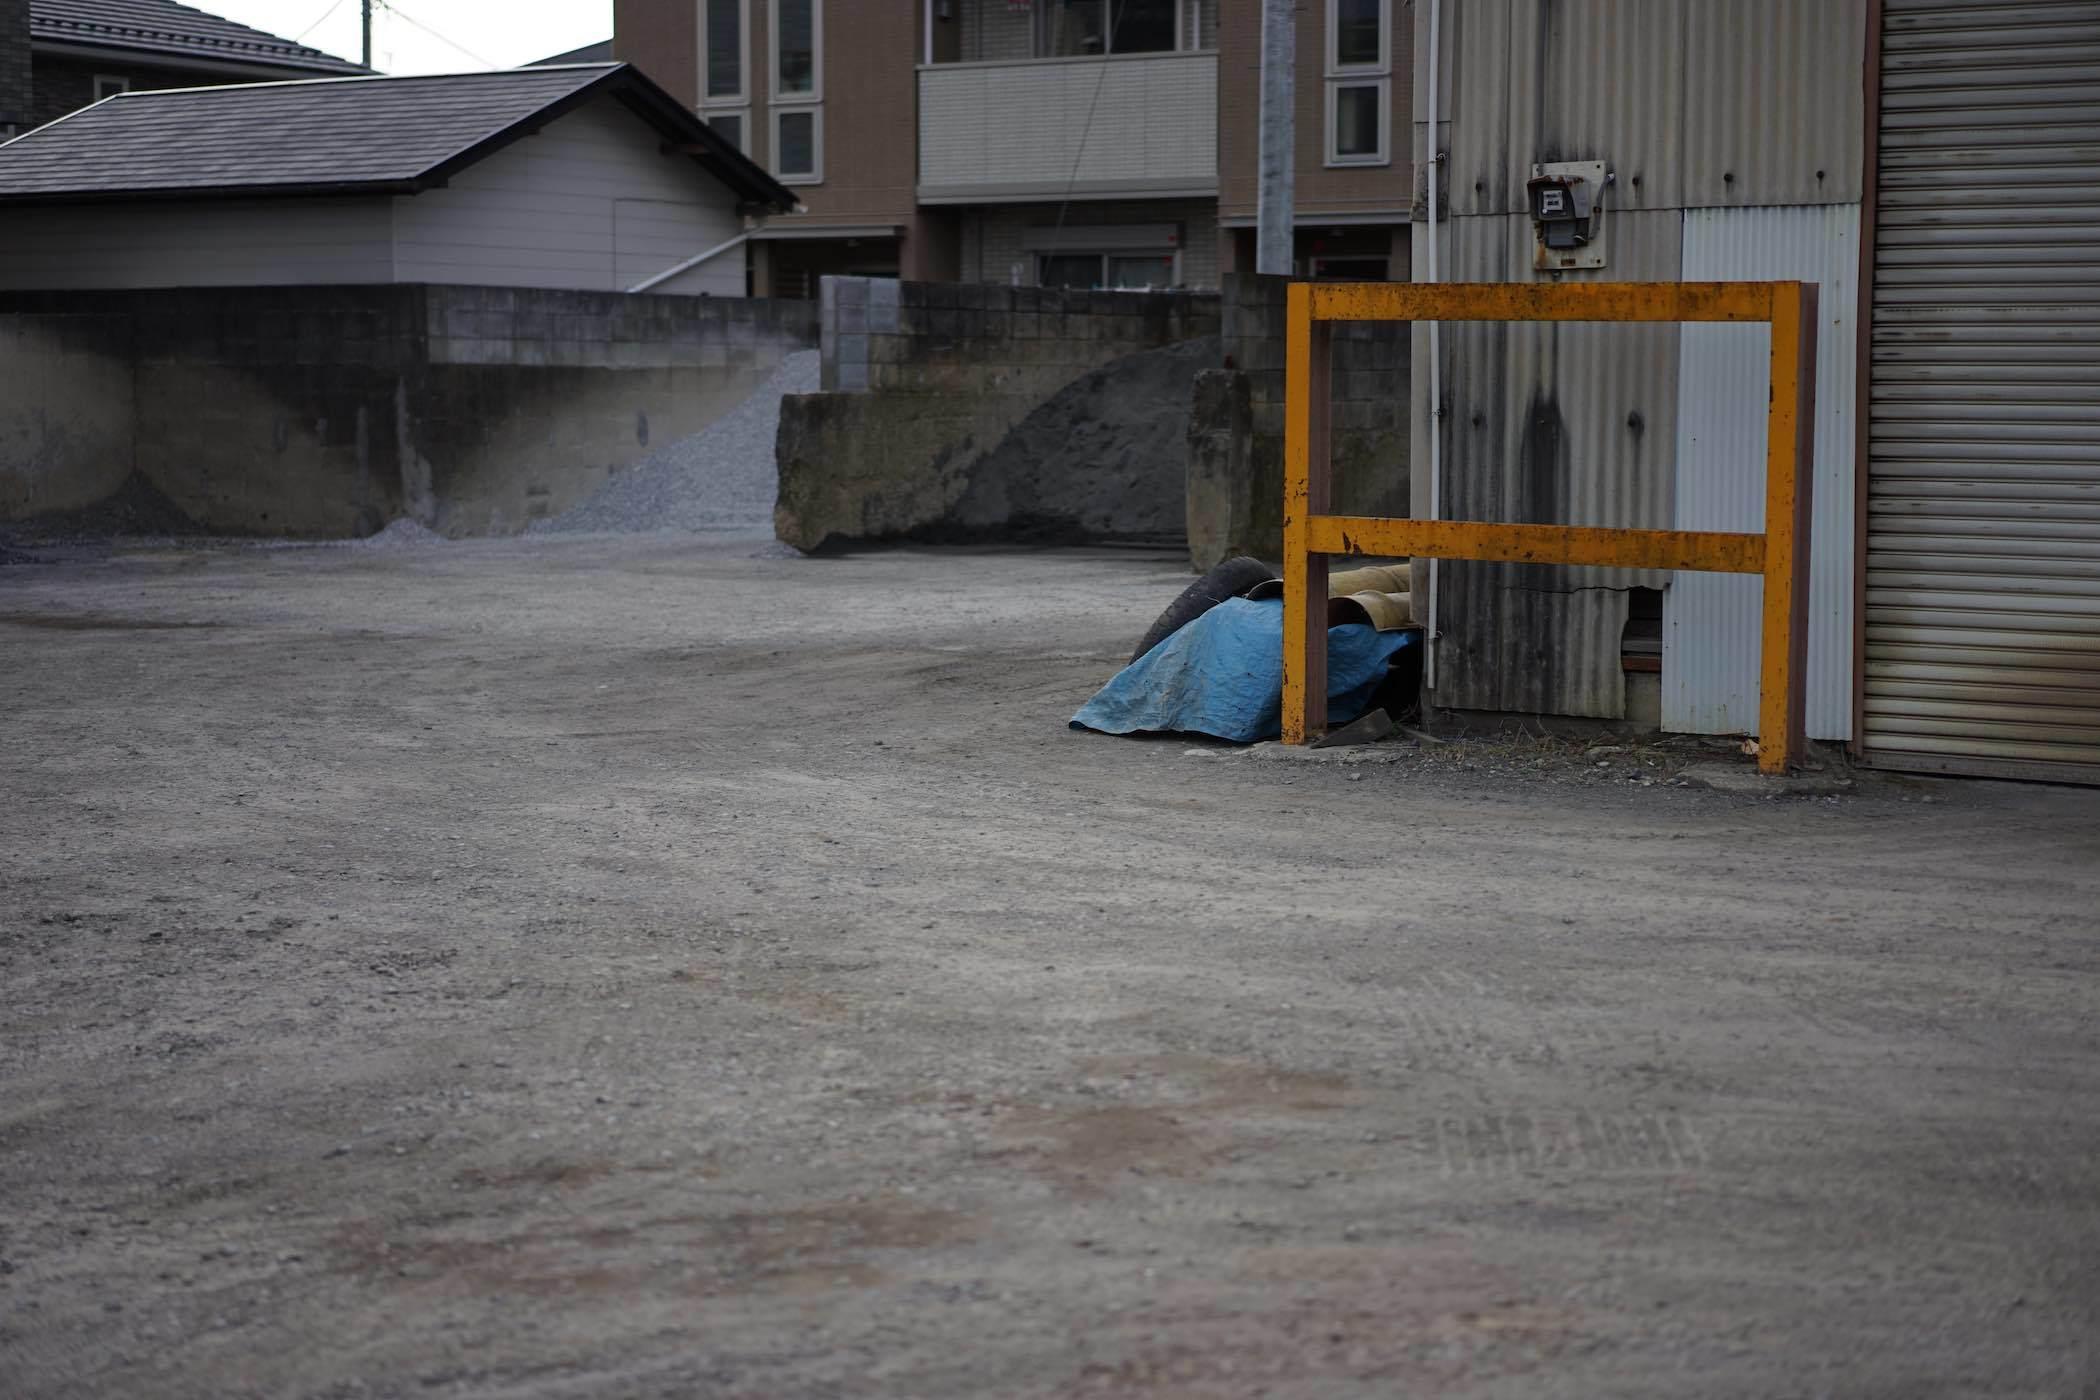 府中駅周辺 34_b0360240_13471209.jpg